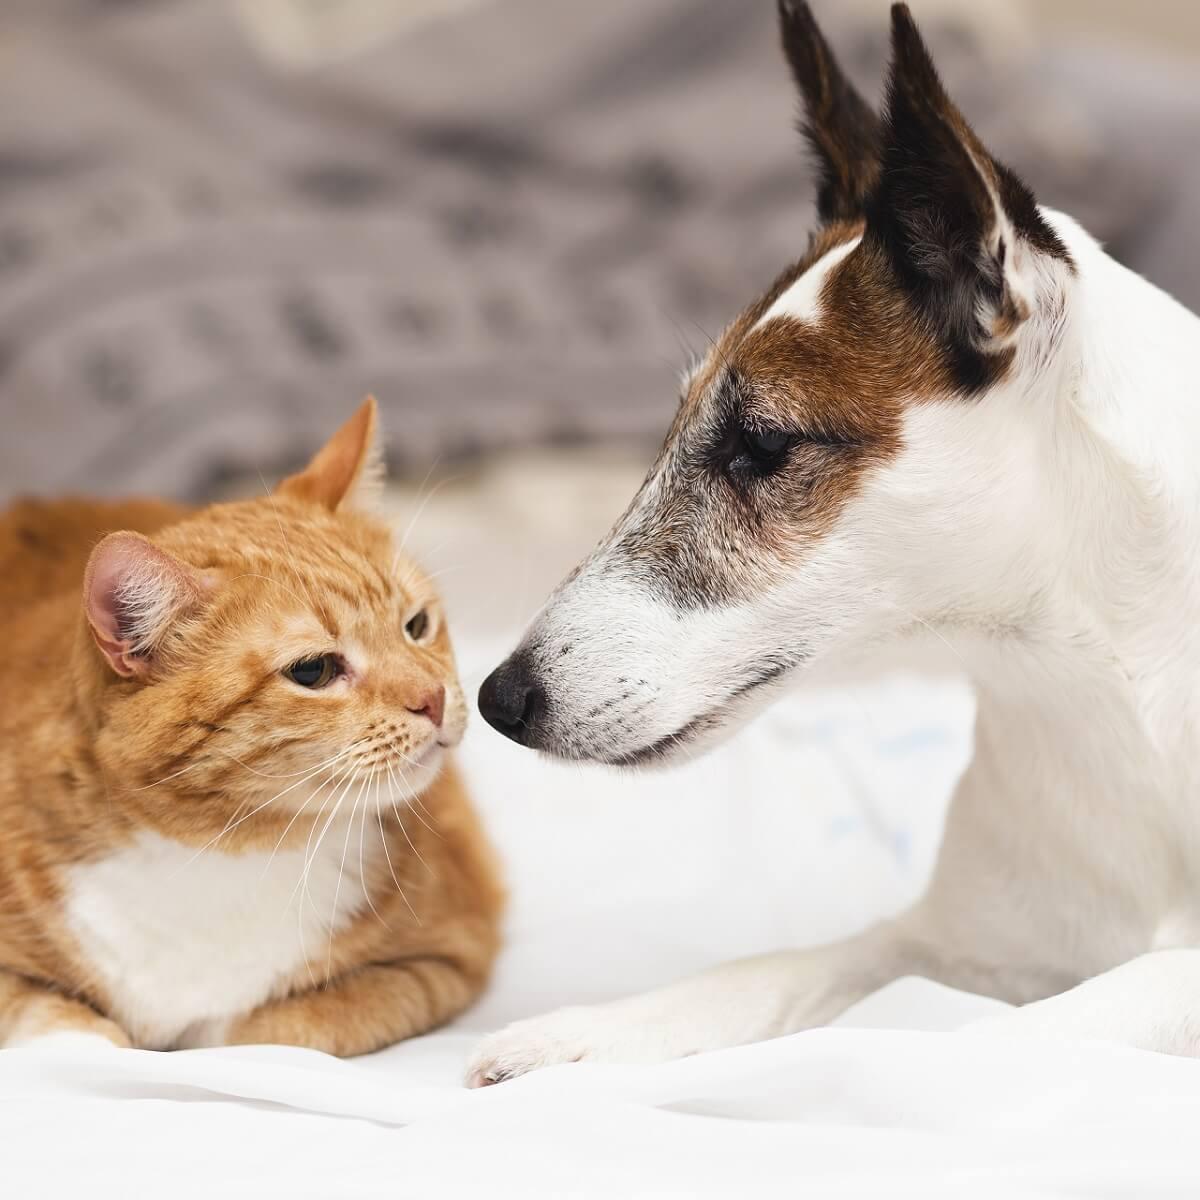 犬と猫の写真。